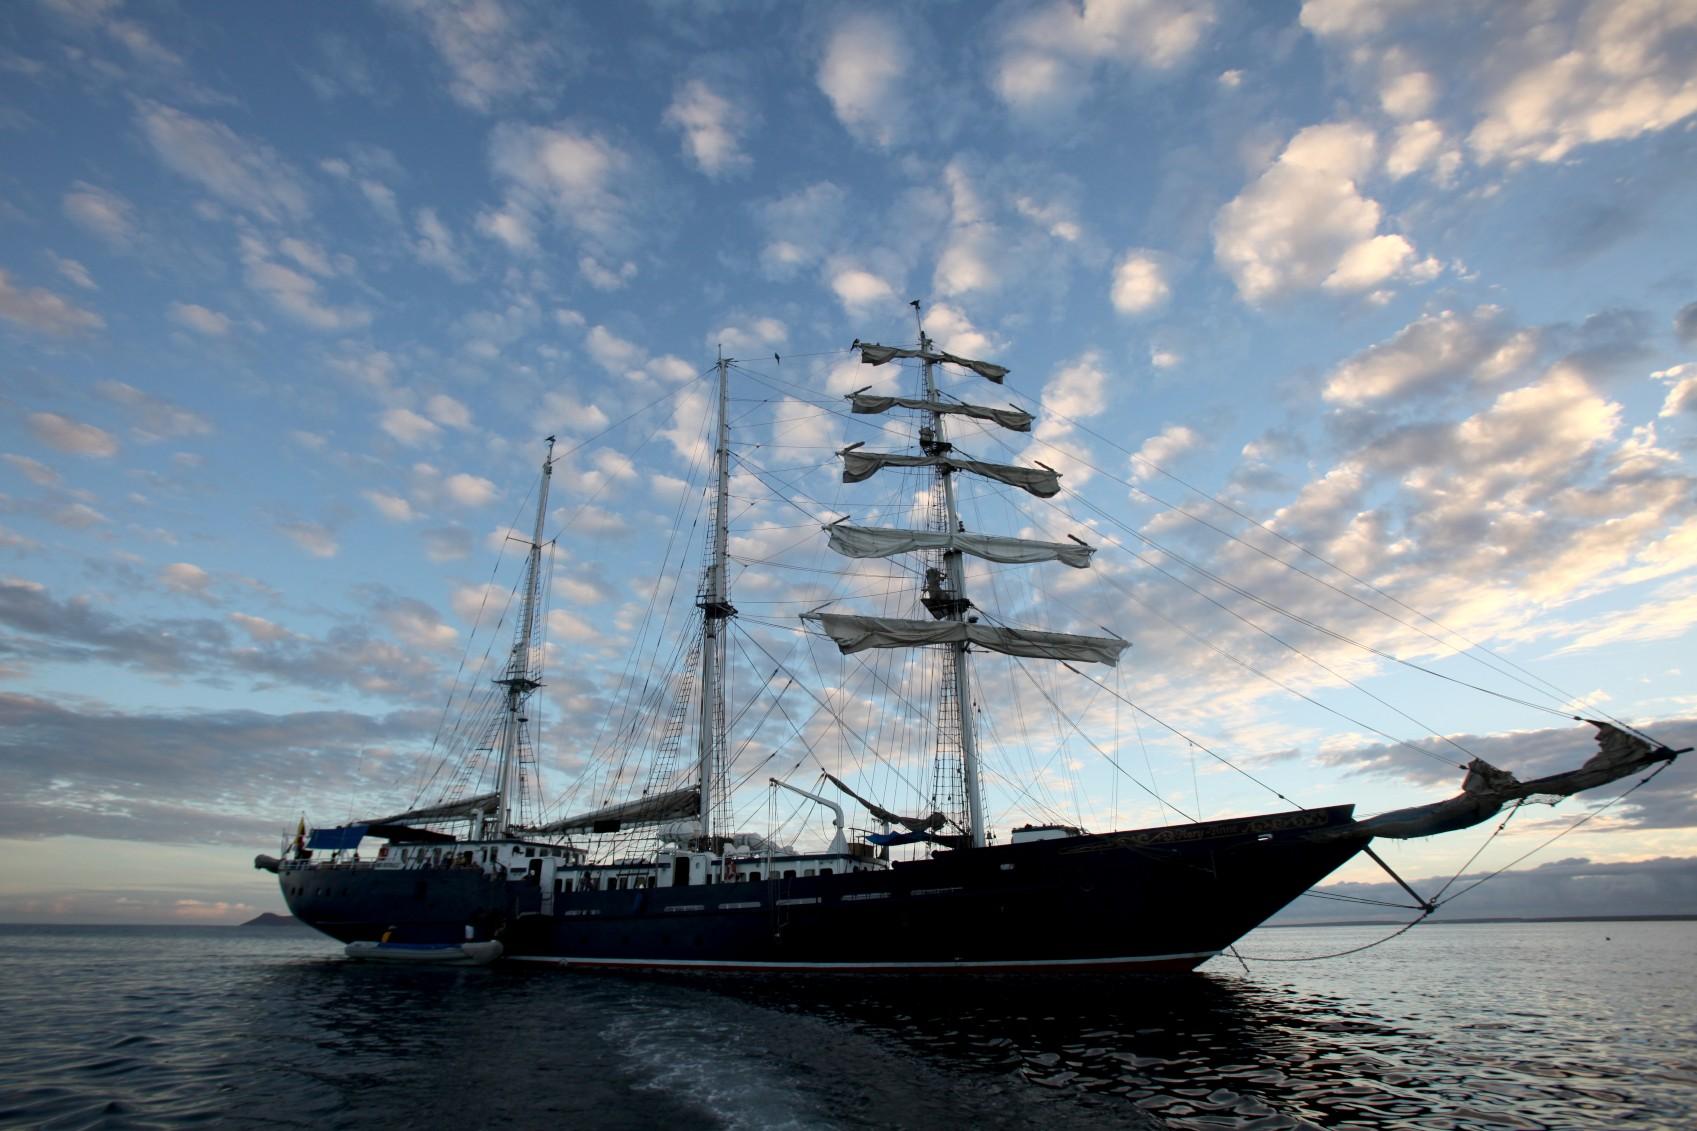 ecu14-take-a-cruise-in-the-galapagos-free